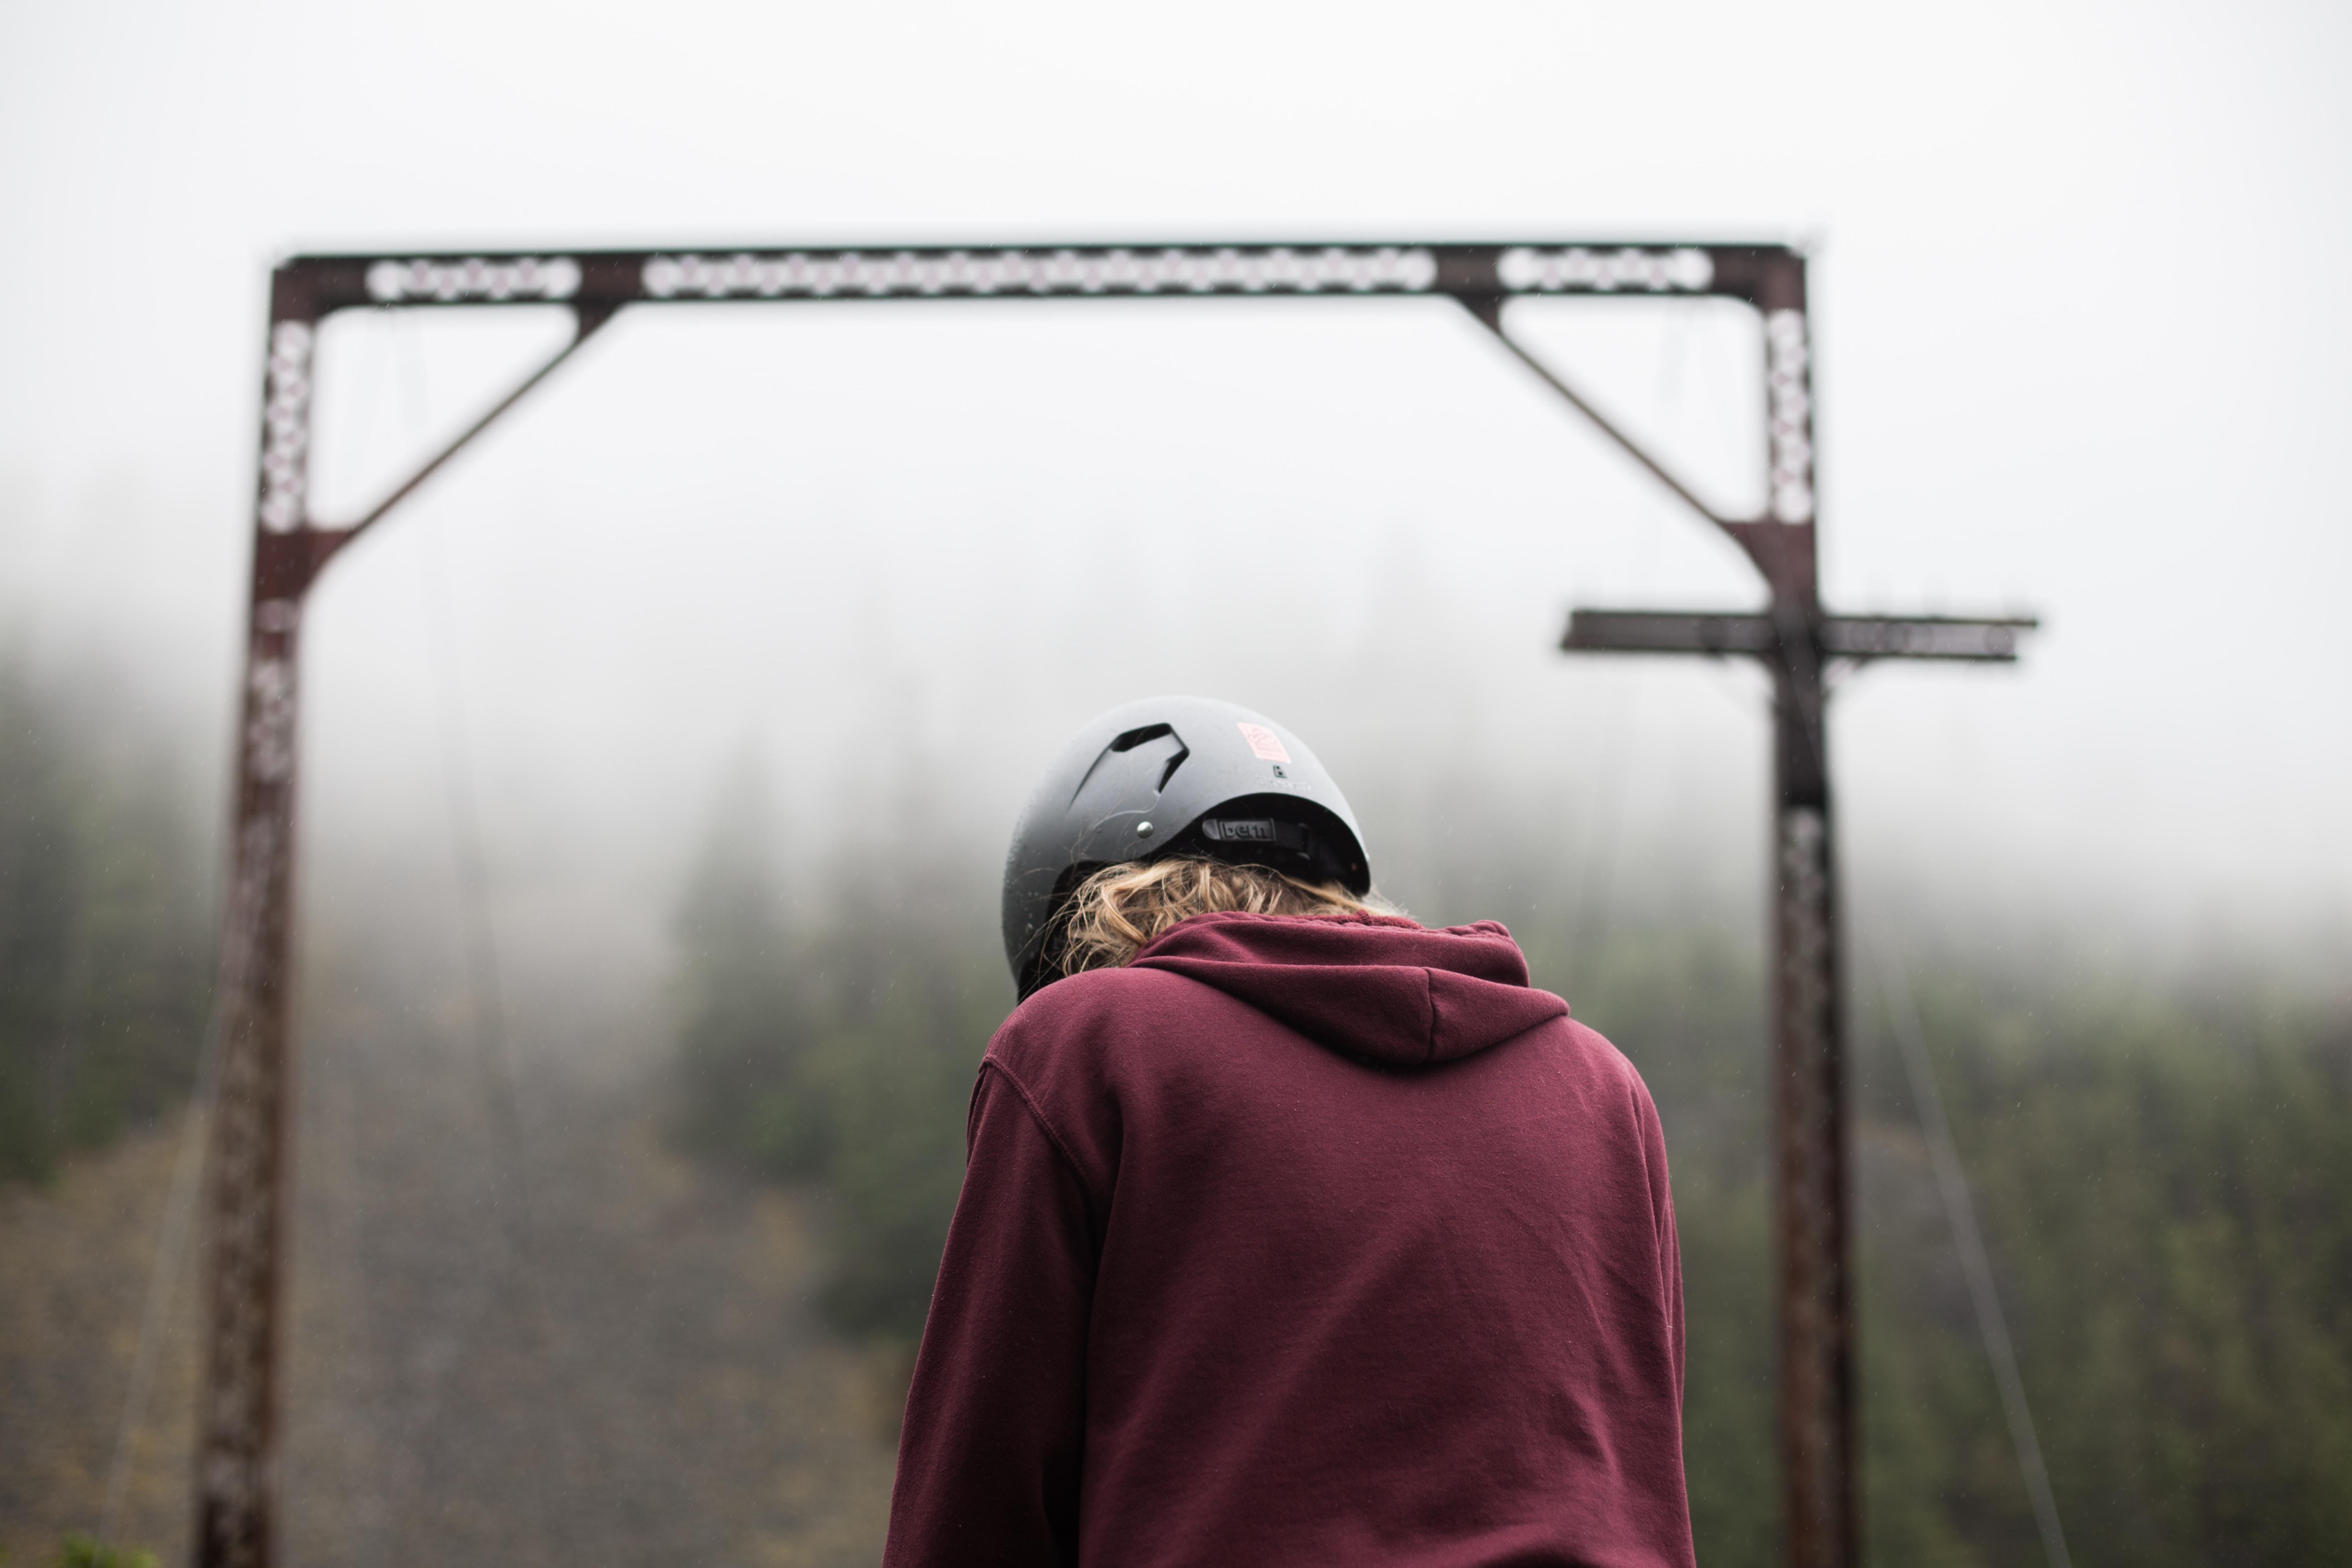 person wearing maroon hoodie